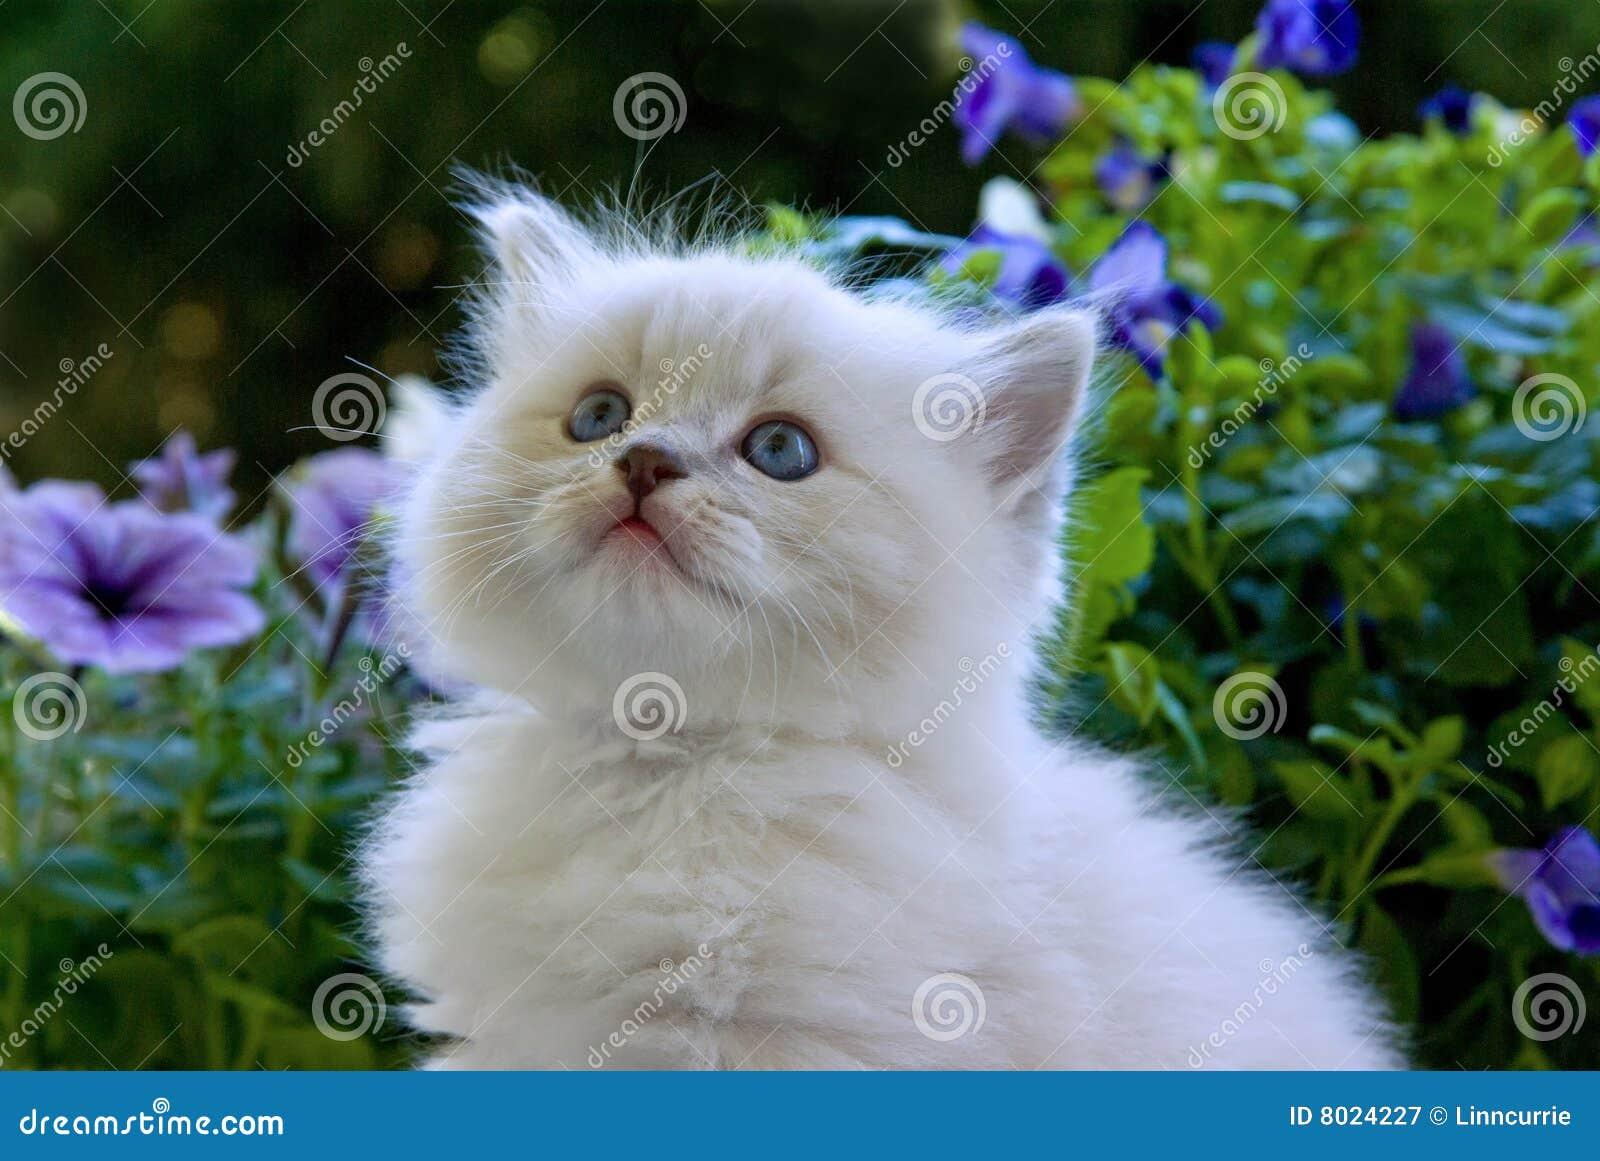 Cute Ragdoll kitten with flowers